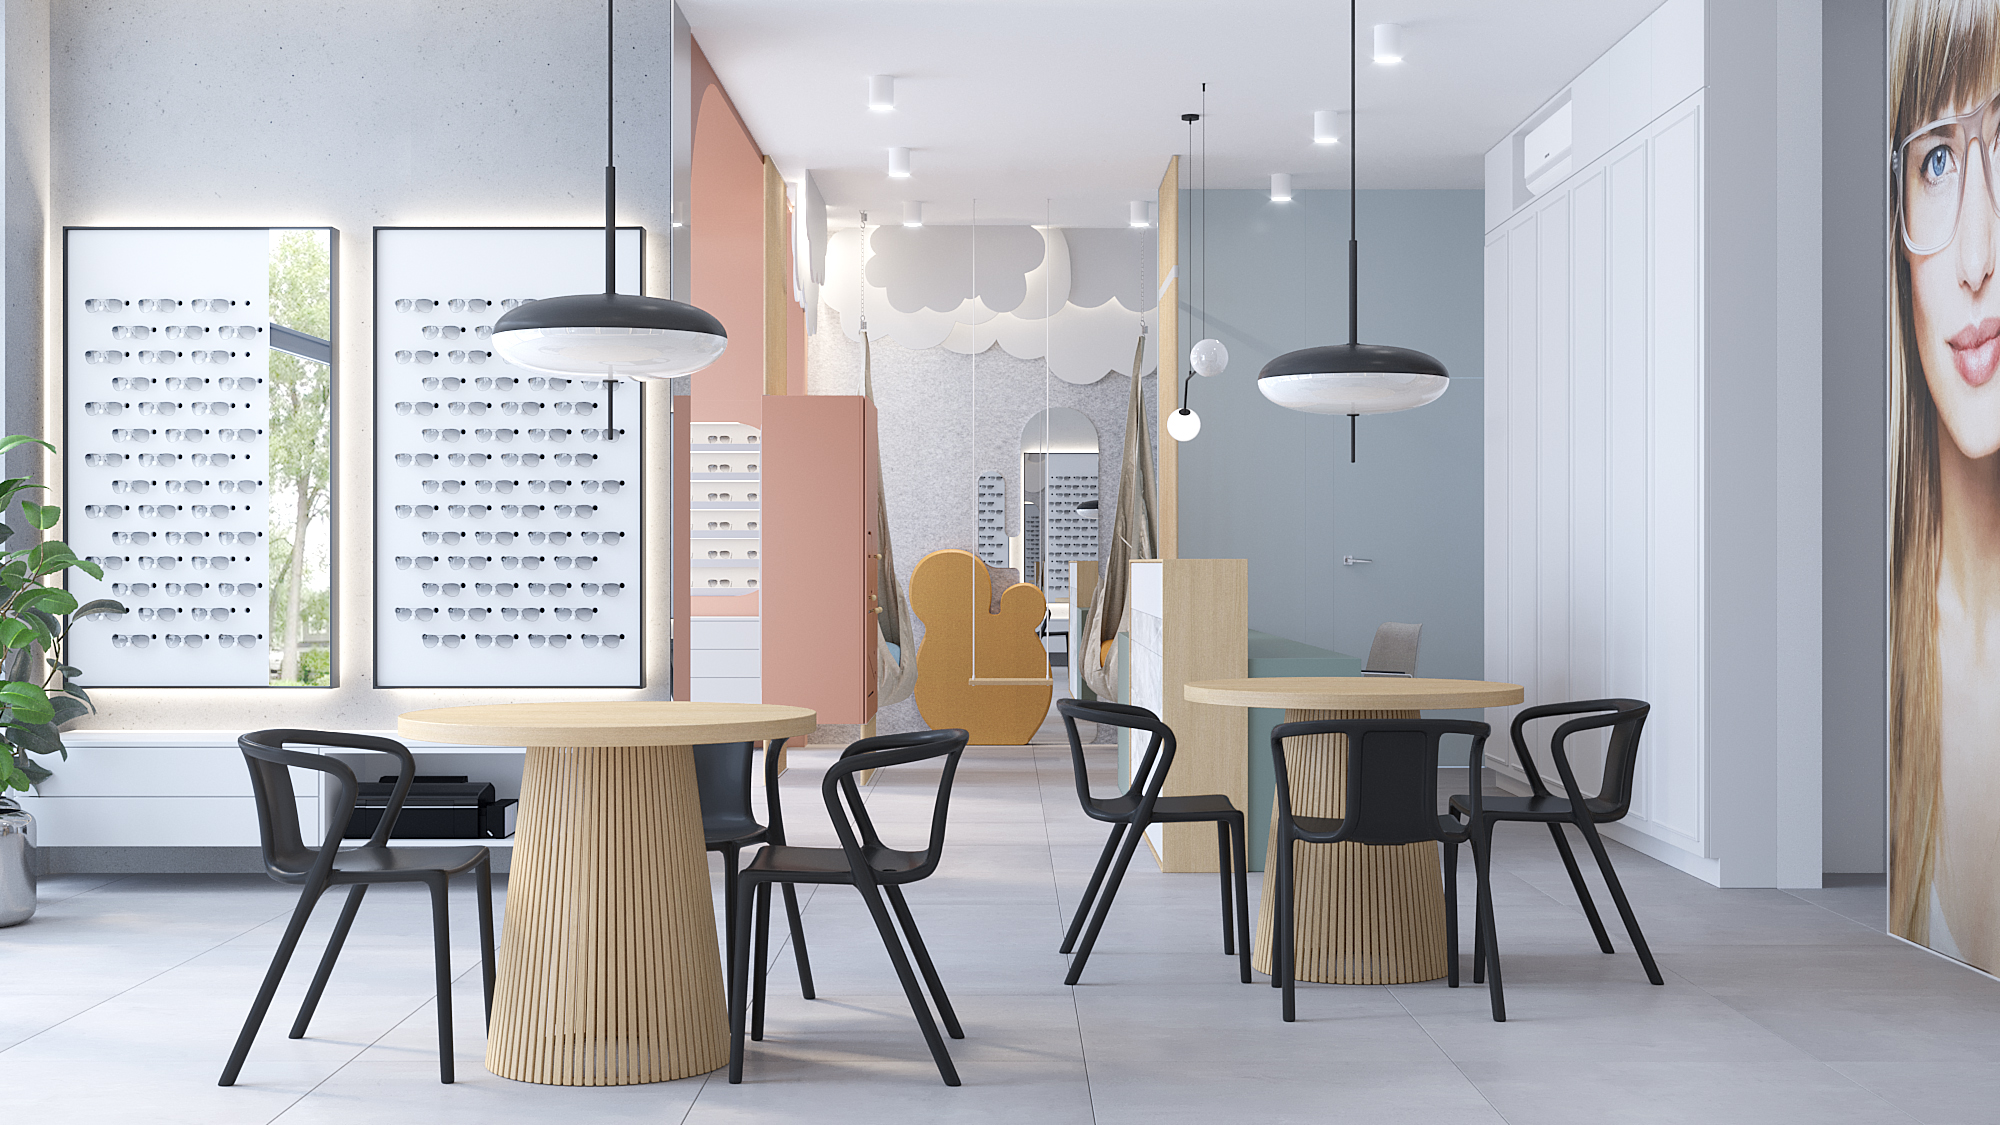 1 architekt wnetrz K099 optyk Strozik Bytom sala obslugi klienta okragly drewniany stol ekspozytor na okulary tapeta na scianie kacik dla dzieci